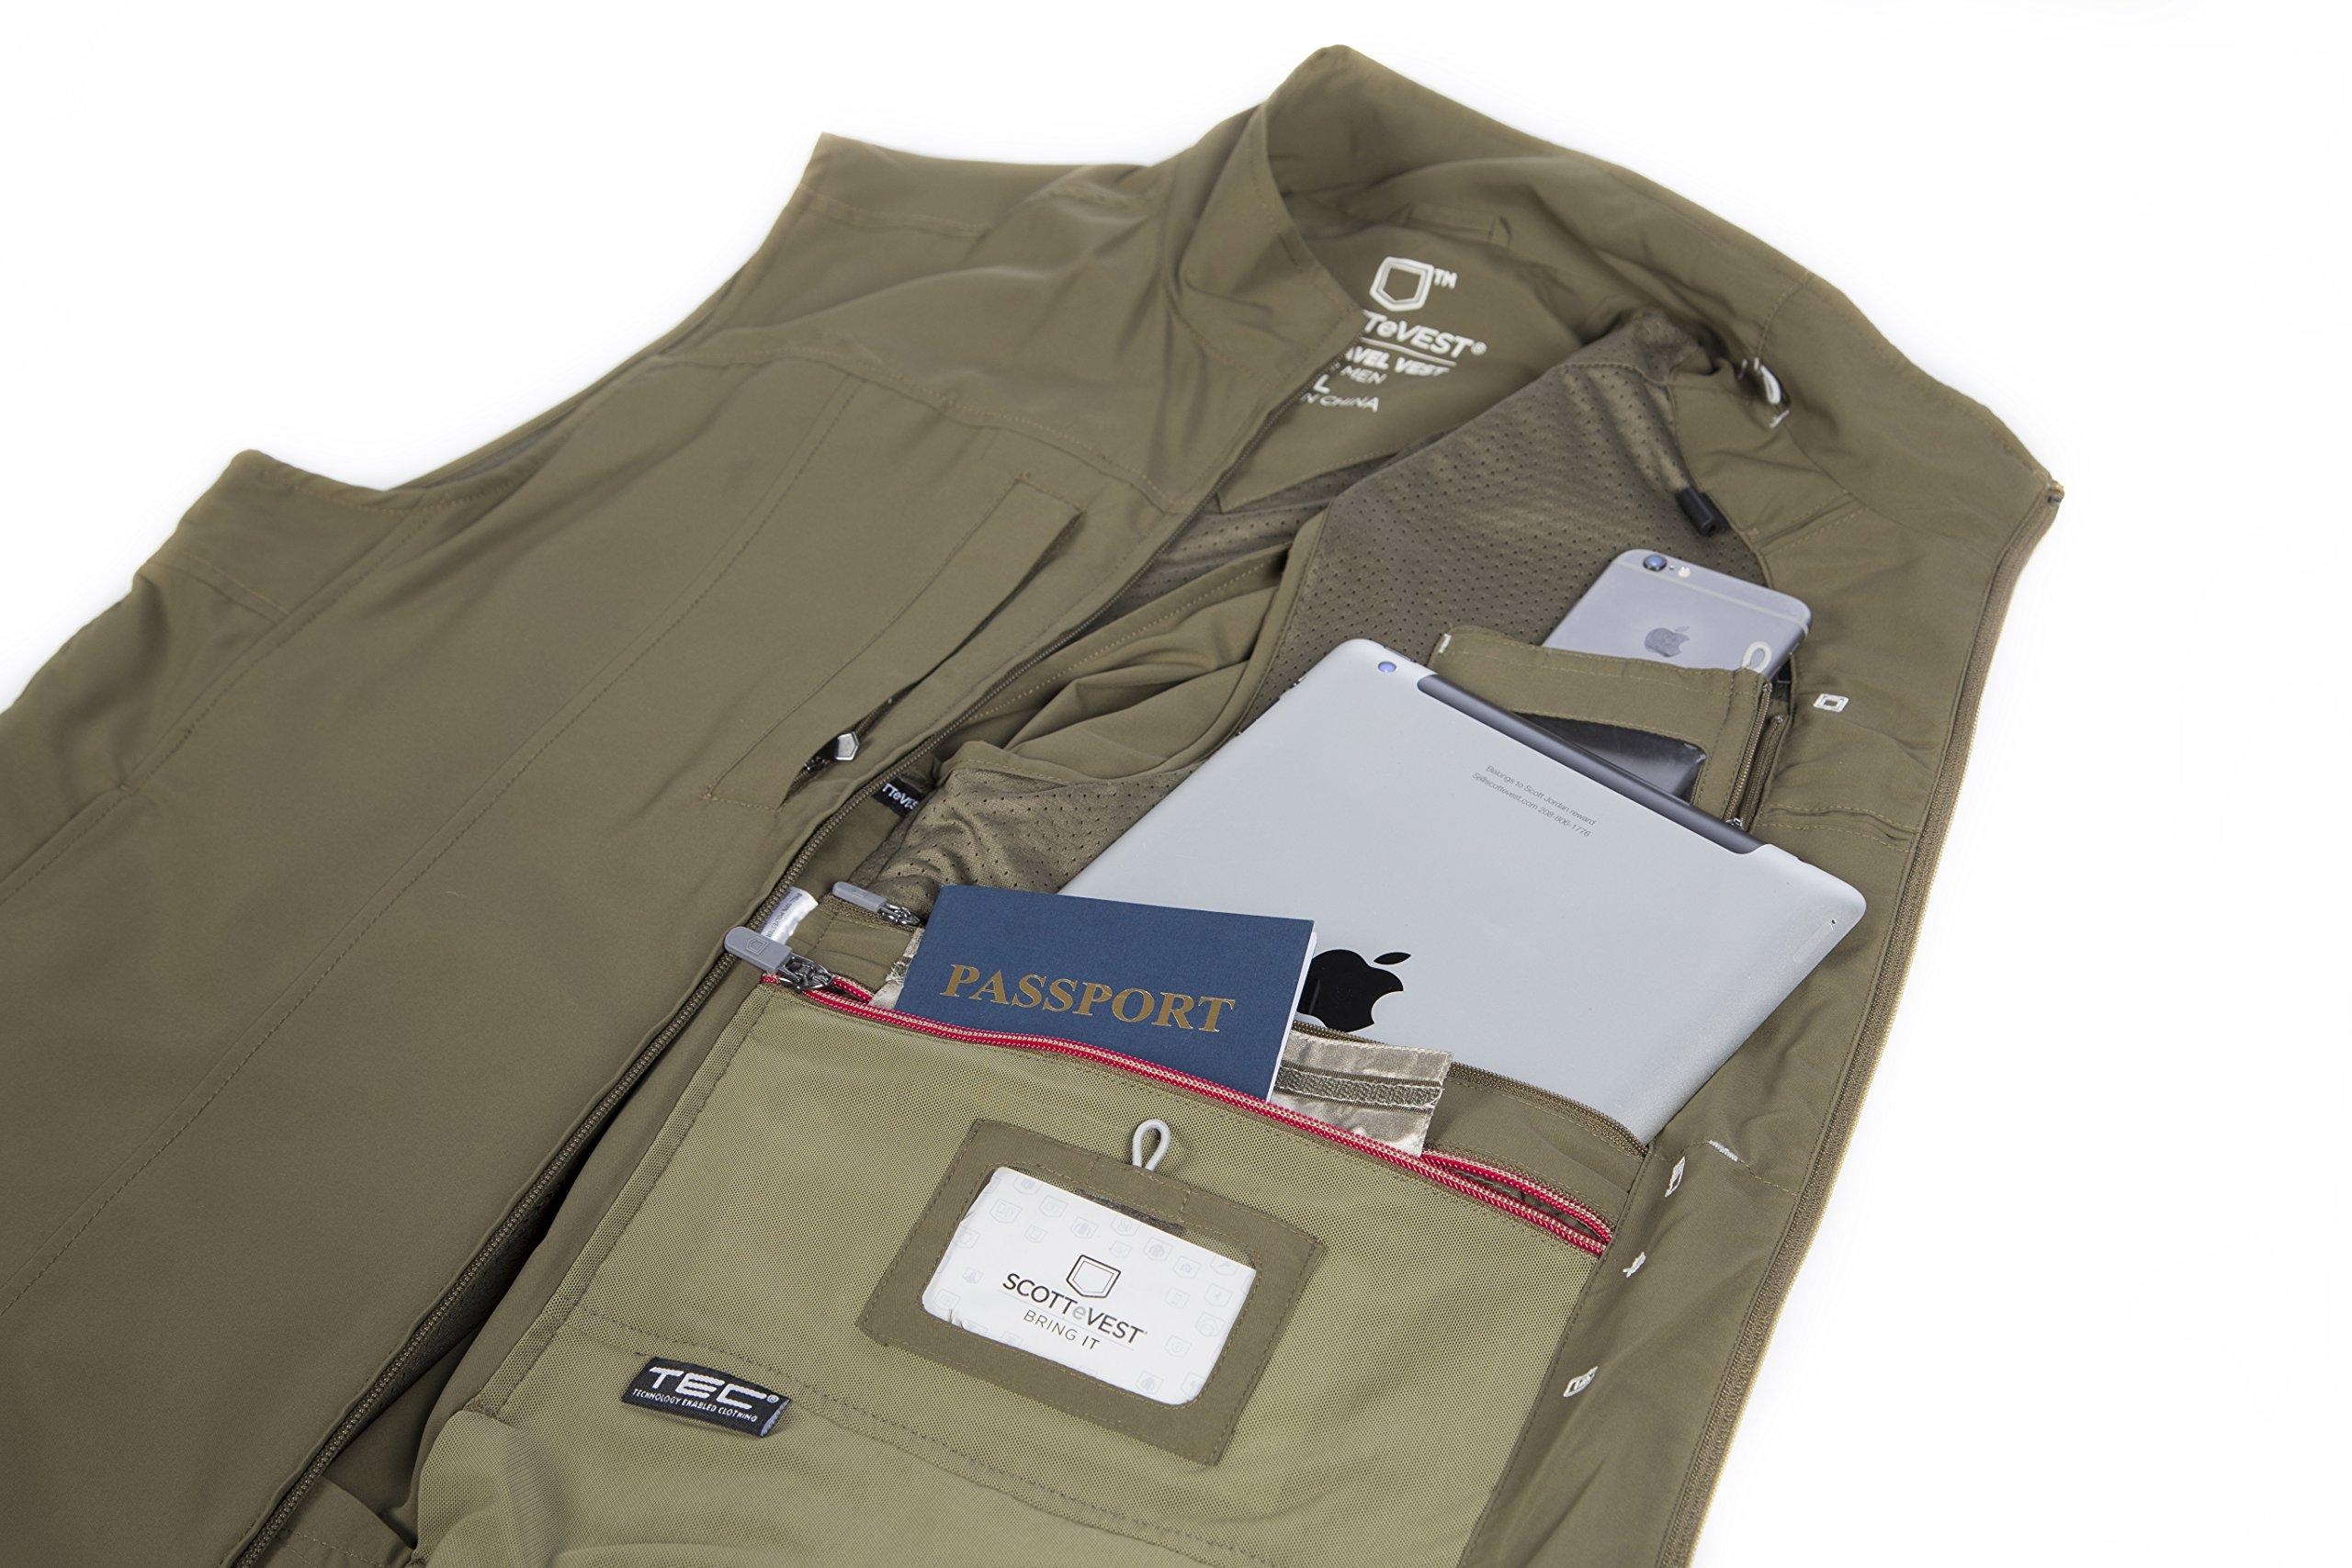 SCOTTeVEST Men's RFID Travel Vest - 26 Pockets – Travel Clothing Blk XXXL by SCOTTeVEST (Image #6)